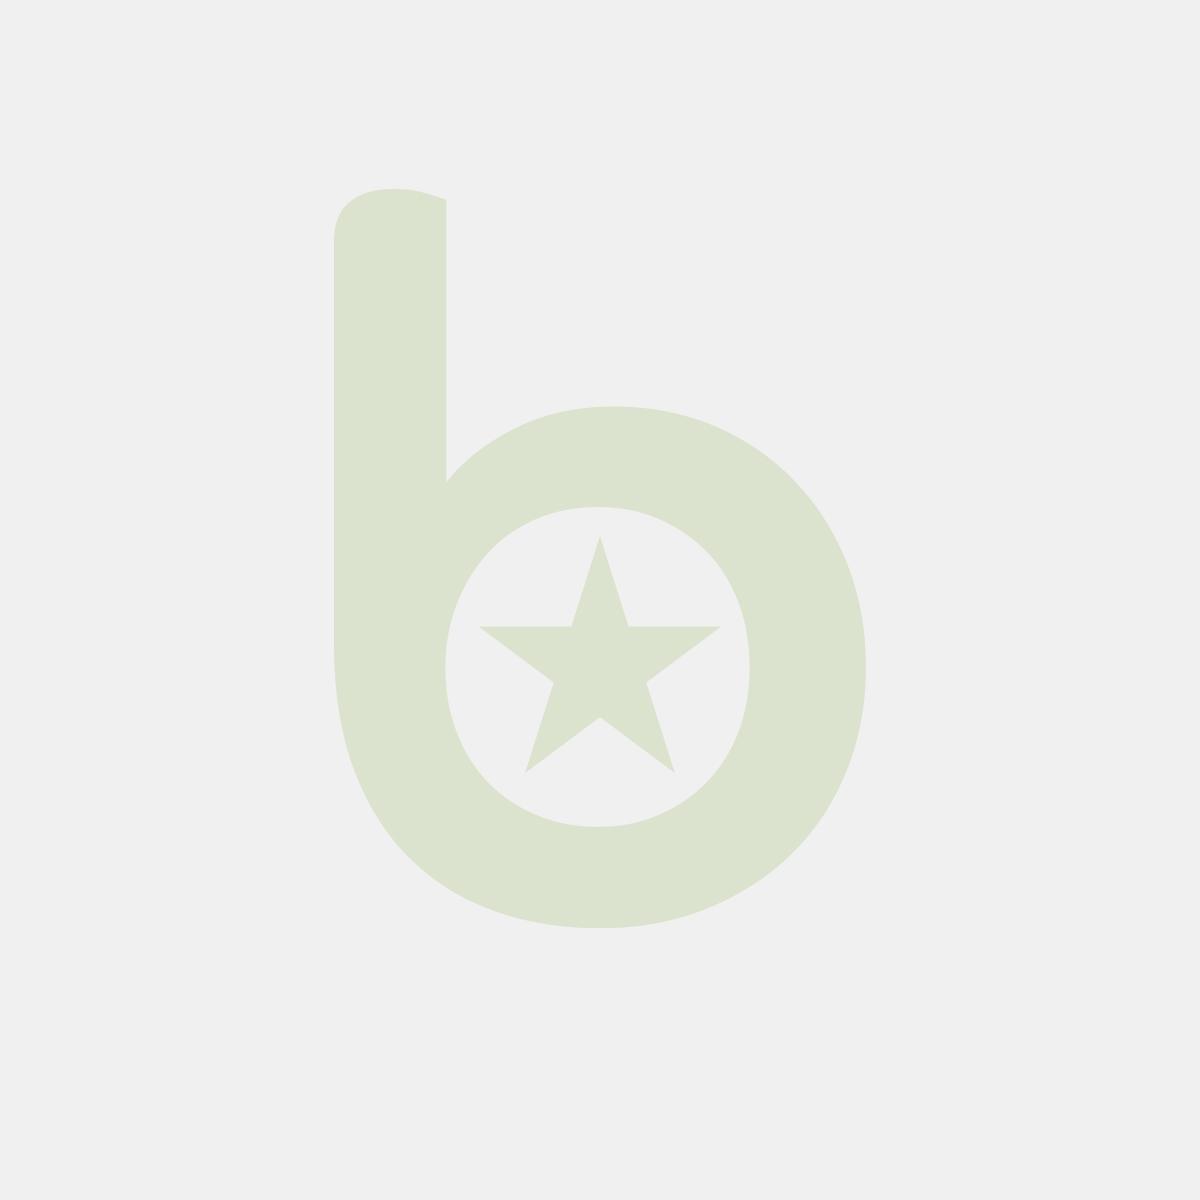 Fontanna / świeca tortowa 18cm opakowanie 6szt